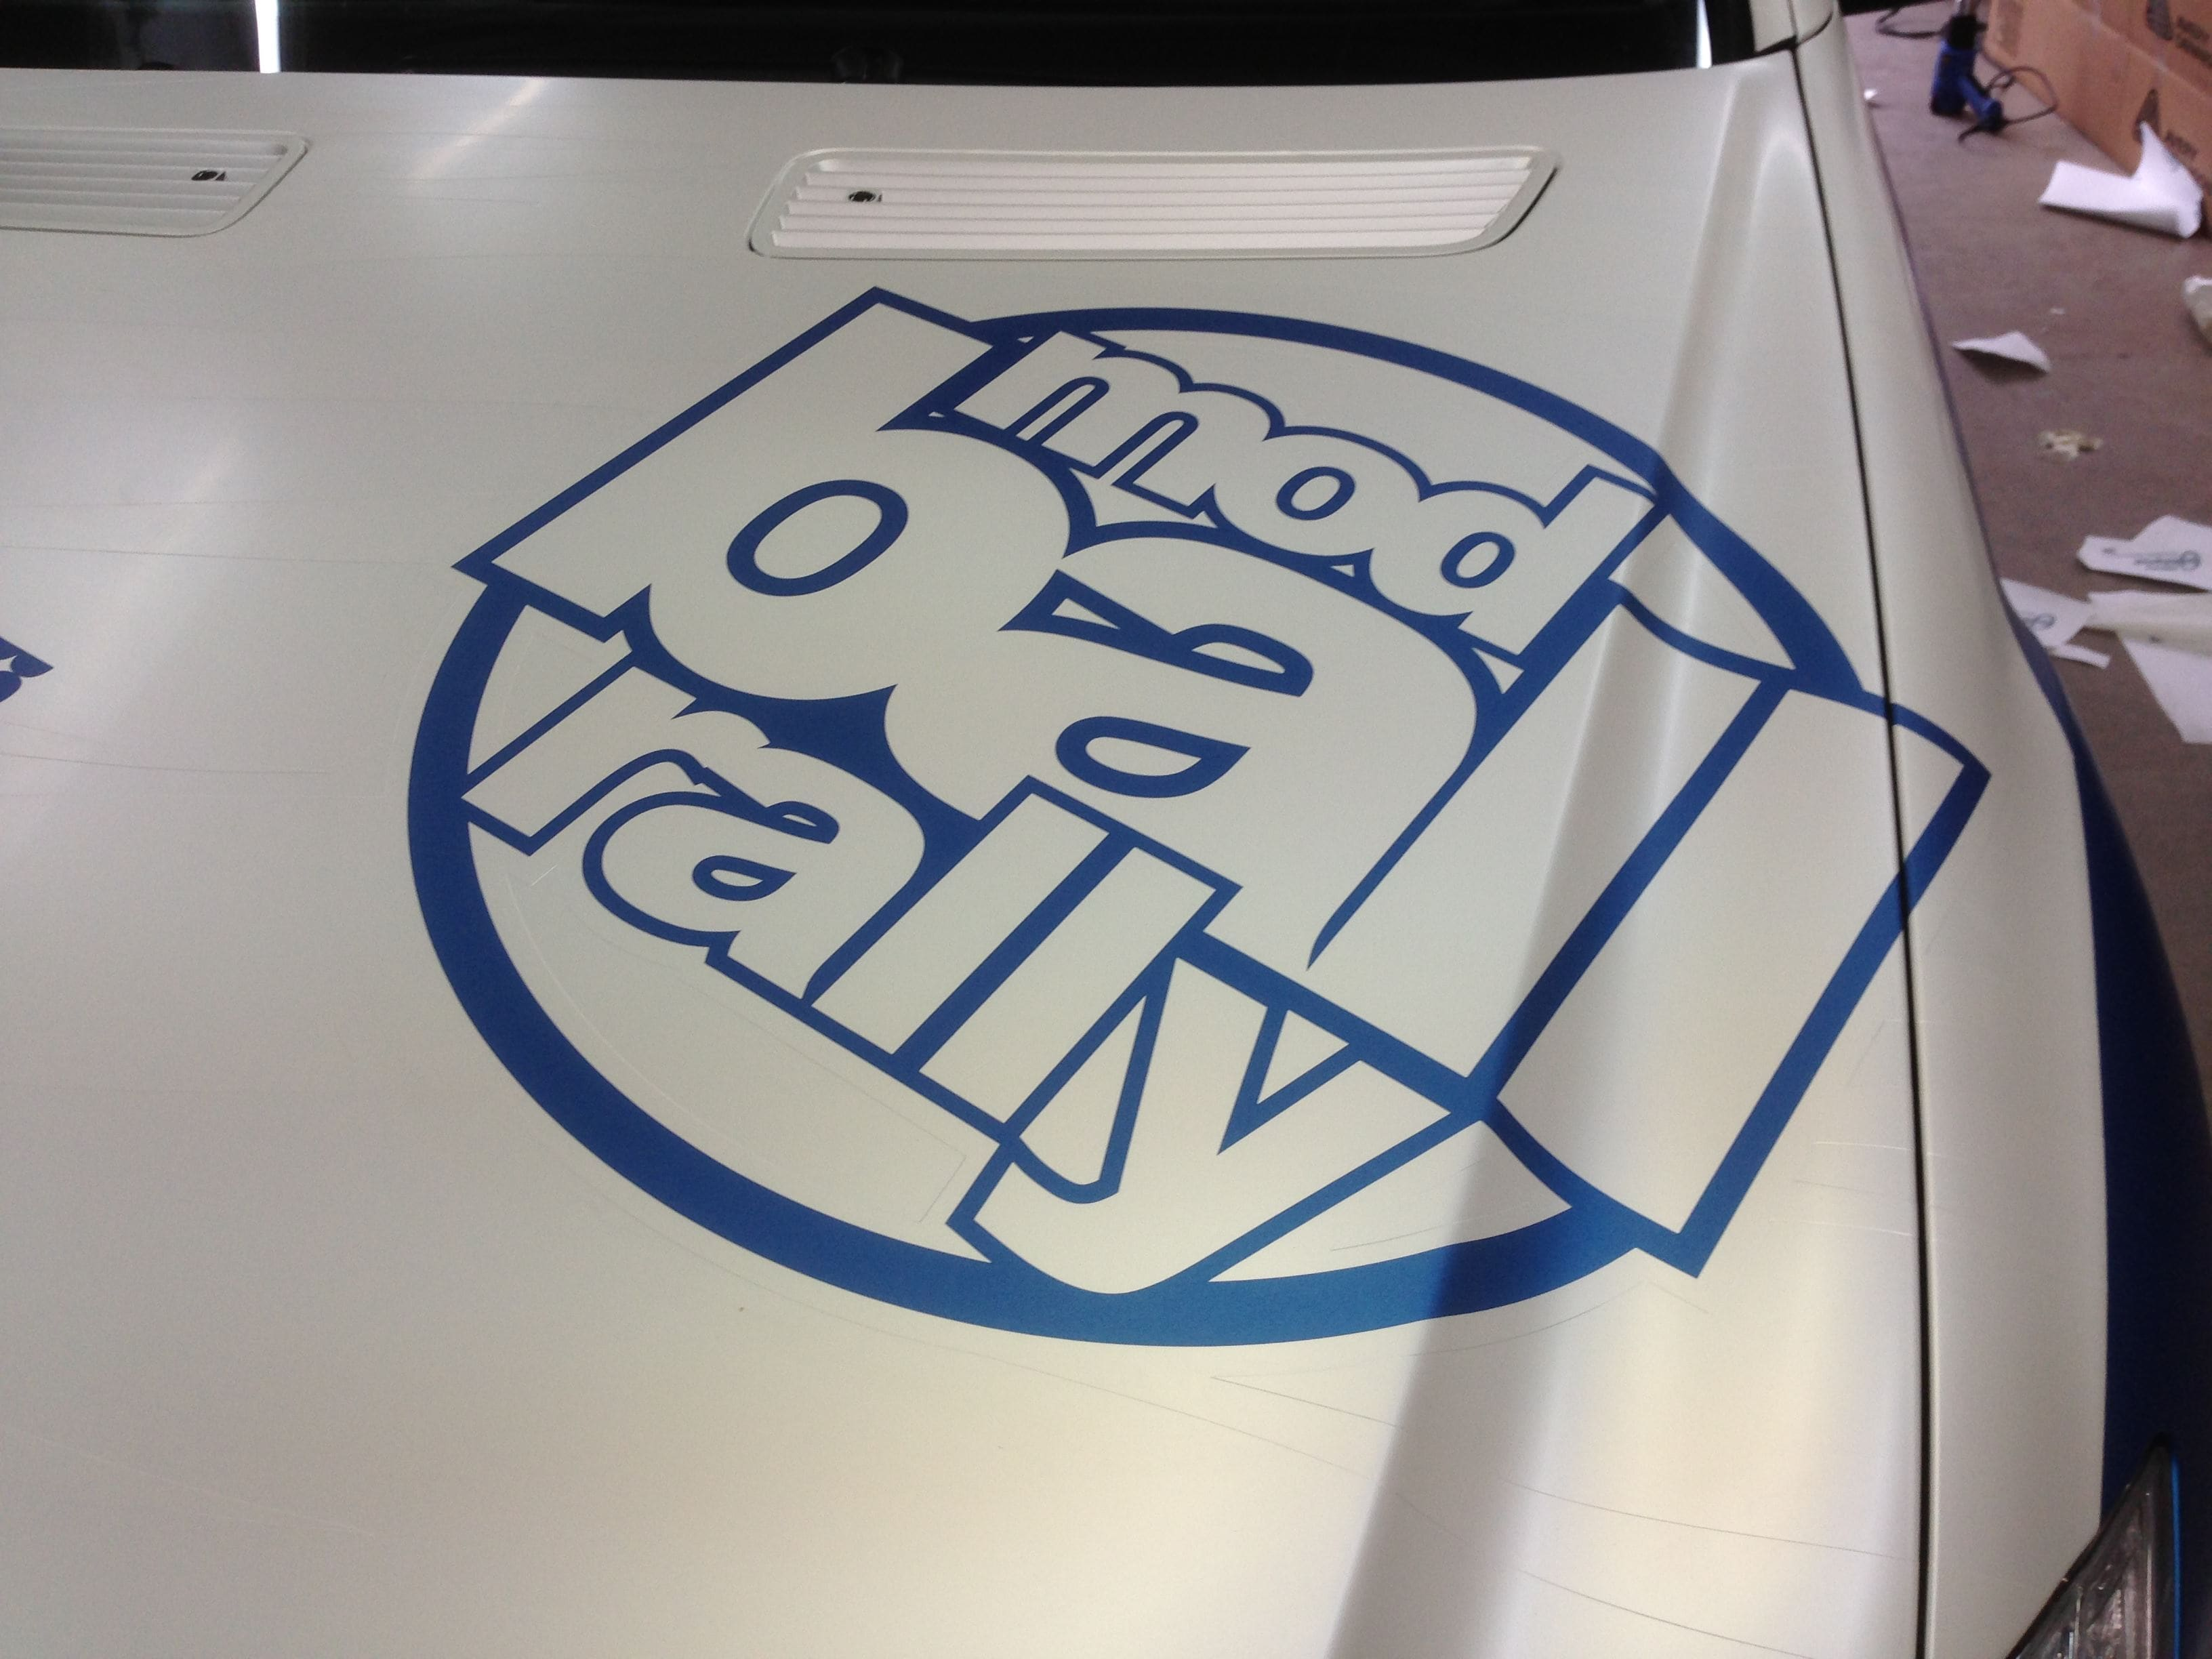 Mercedes S-Klasse AMG met Speciale Modball Wrap, Carwrapping door Wrapmyride.nu Foto-nr:6325, ©2020